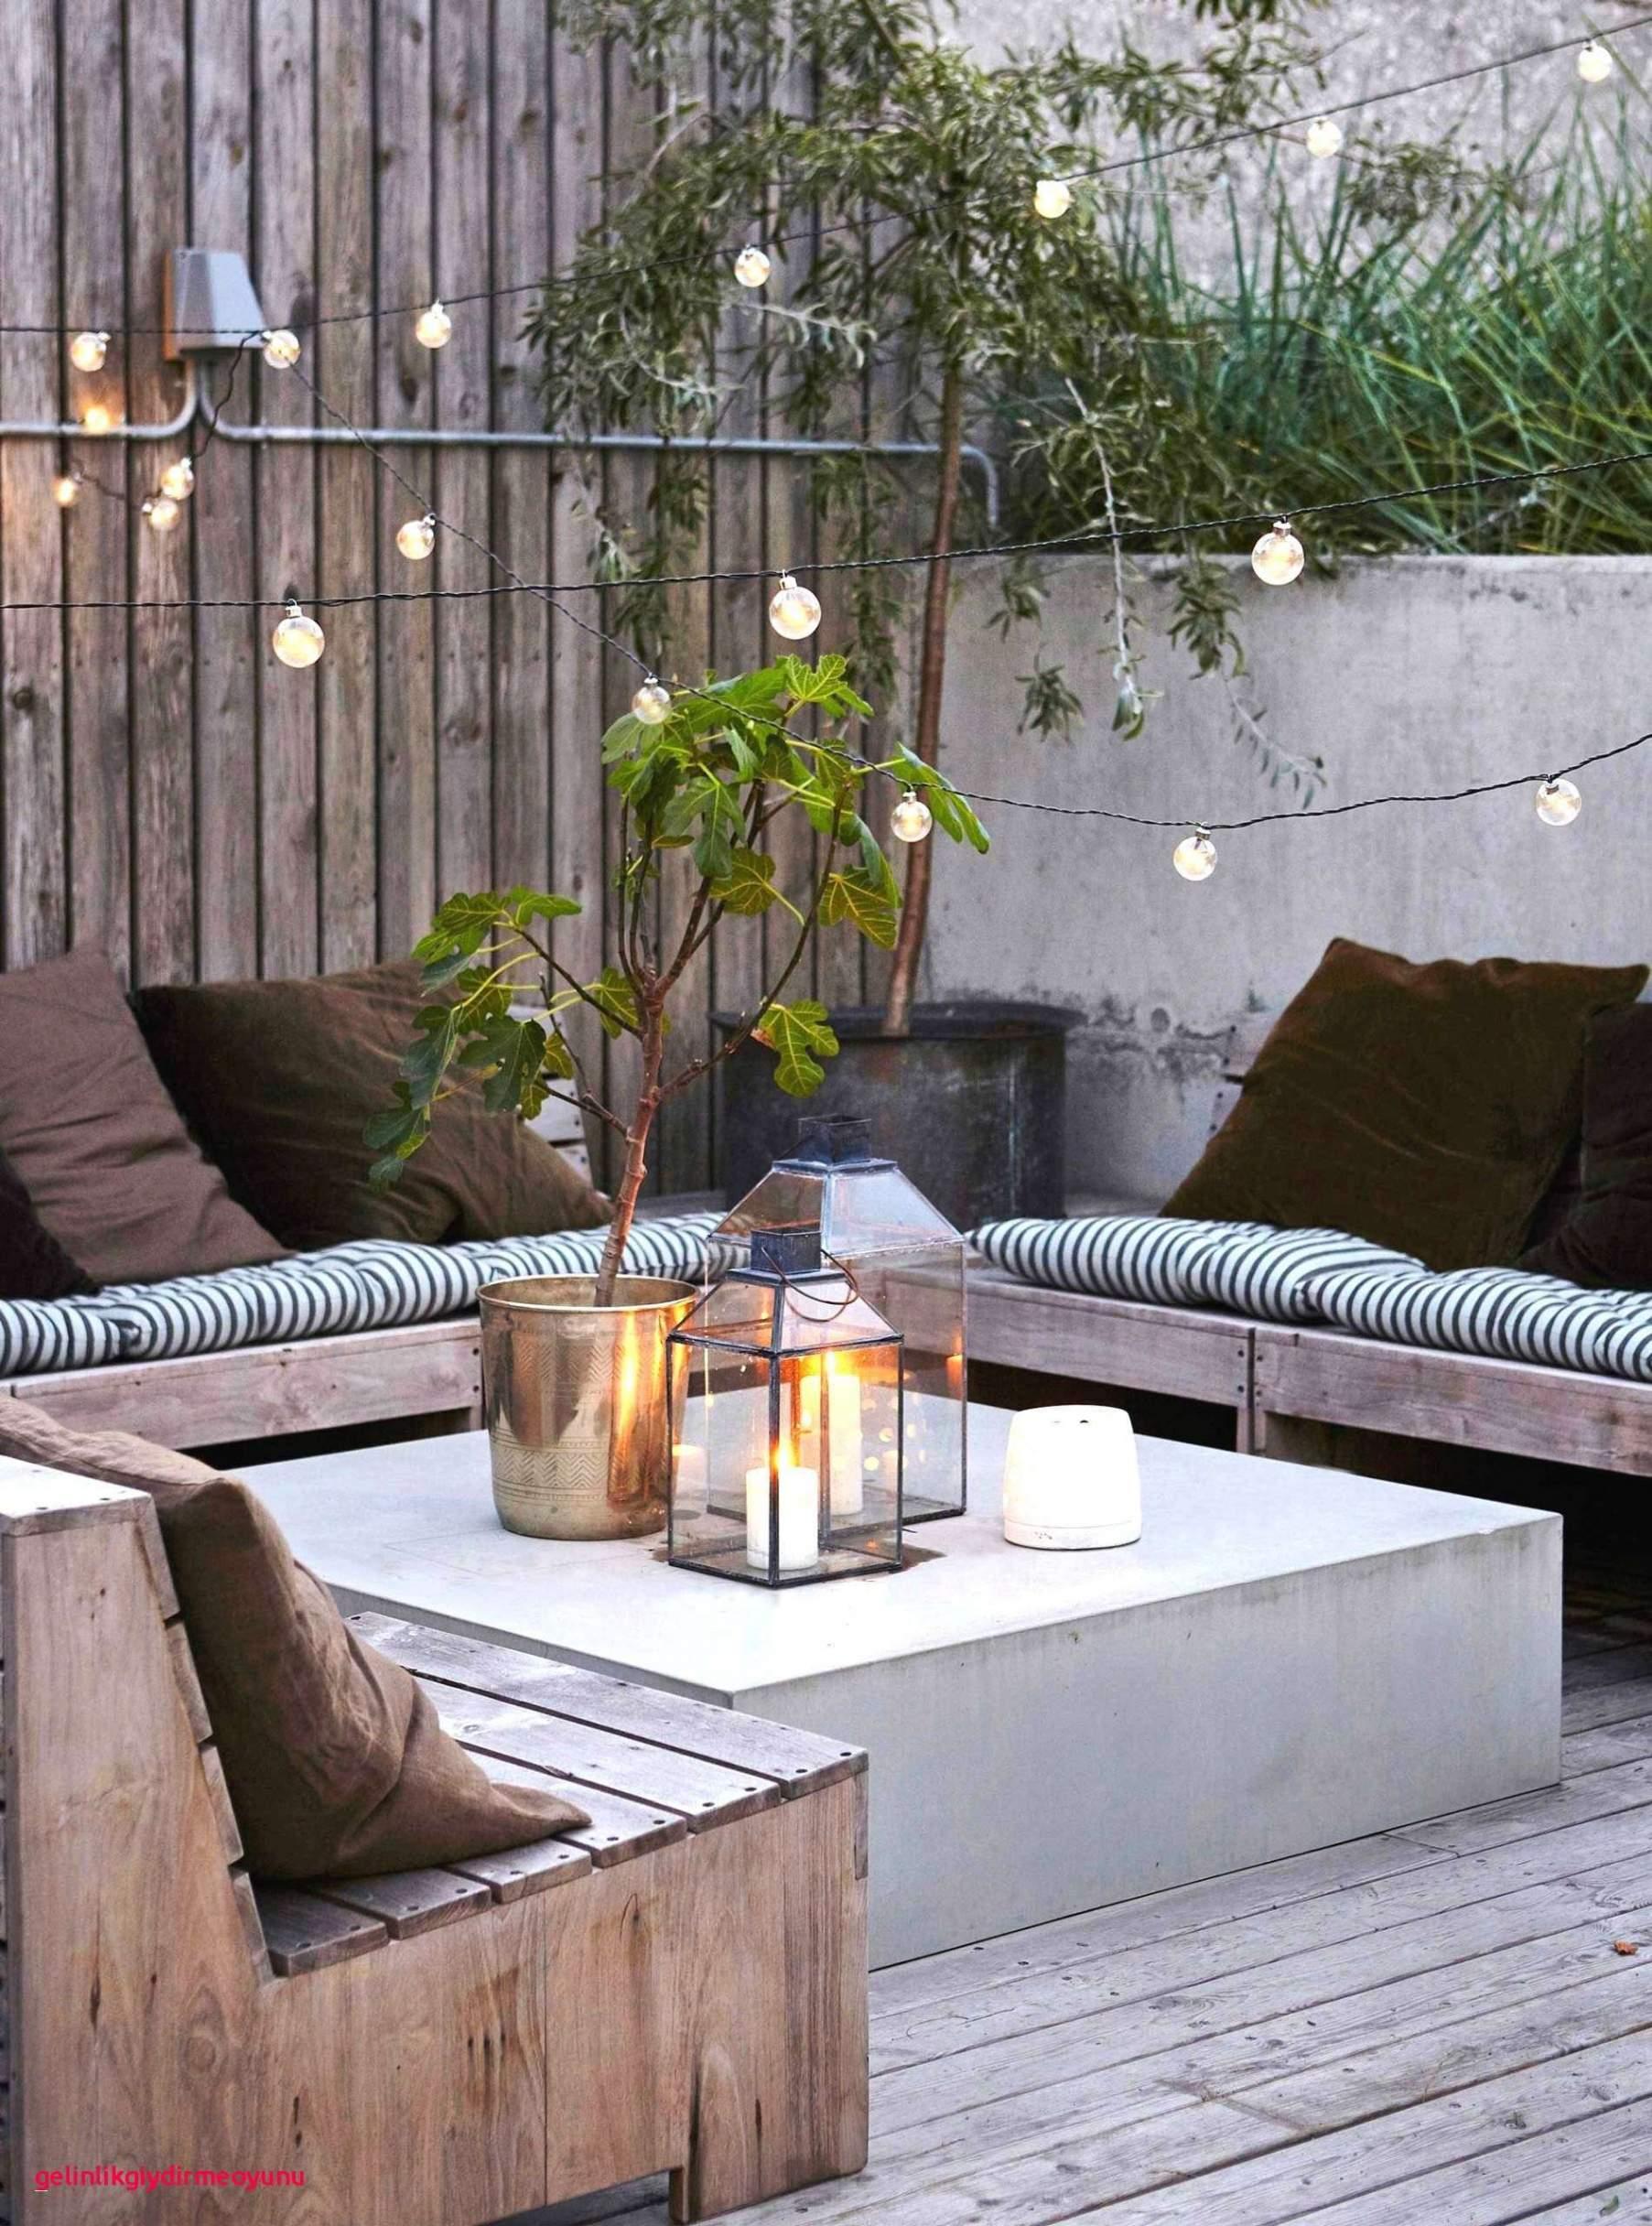 42 einzigartig sichtschutz fur balkon grafik sichtschutz fur badfenster sichtschutz fur badfenster 1